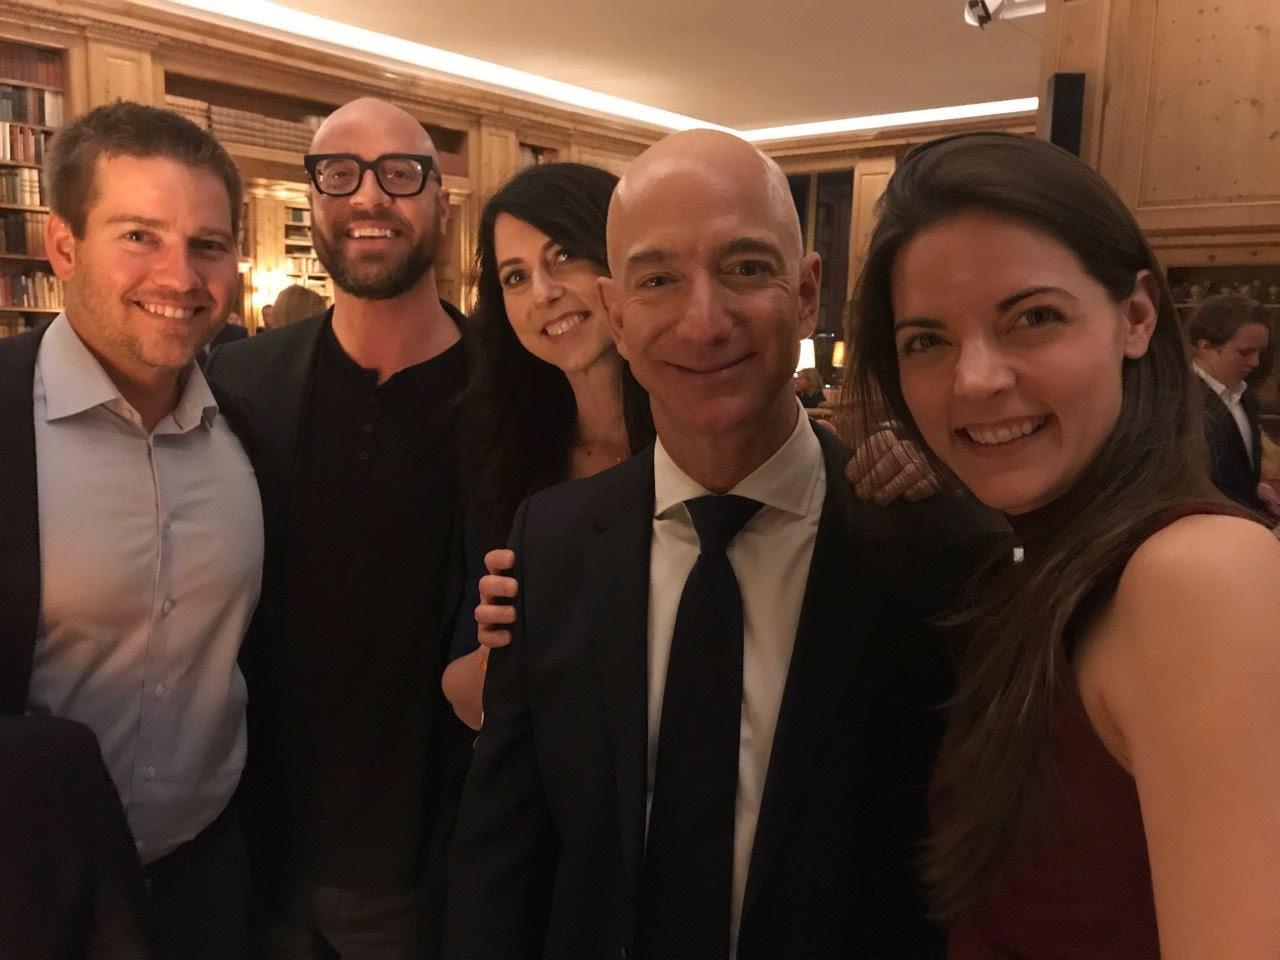 John & Jeff Bezos, CEO of Amazon - April 2018   John meets Jeff and Mackenzie Bezos at the Axel Springer award ceremony hosted in Berlin, Germany.